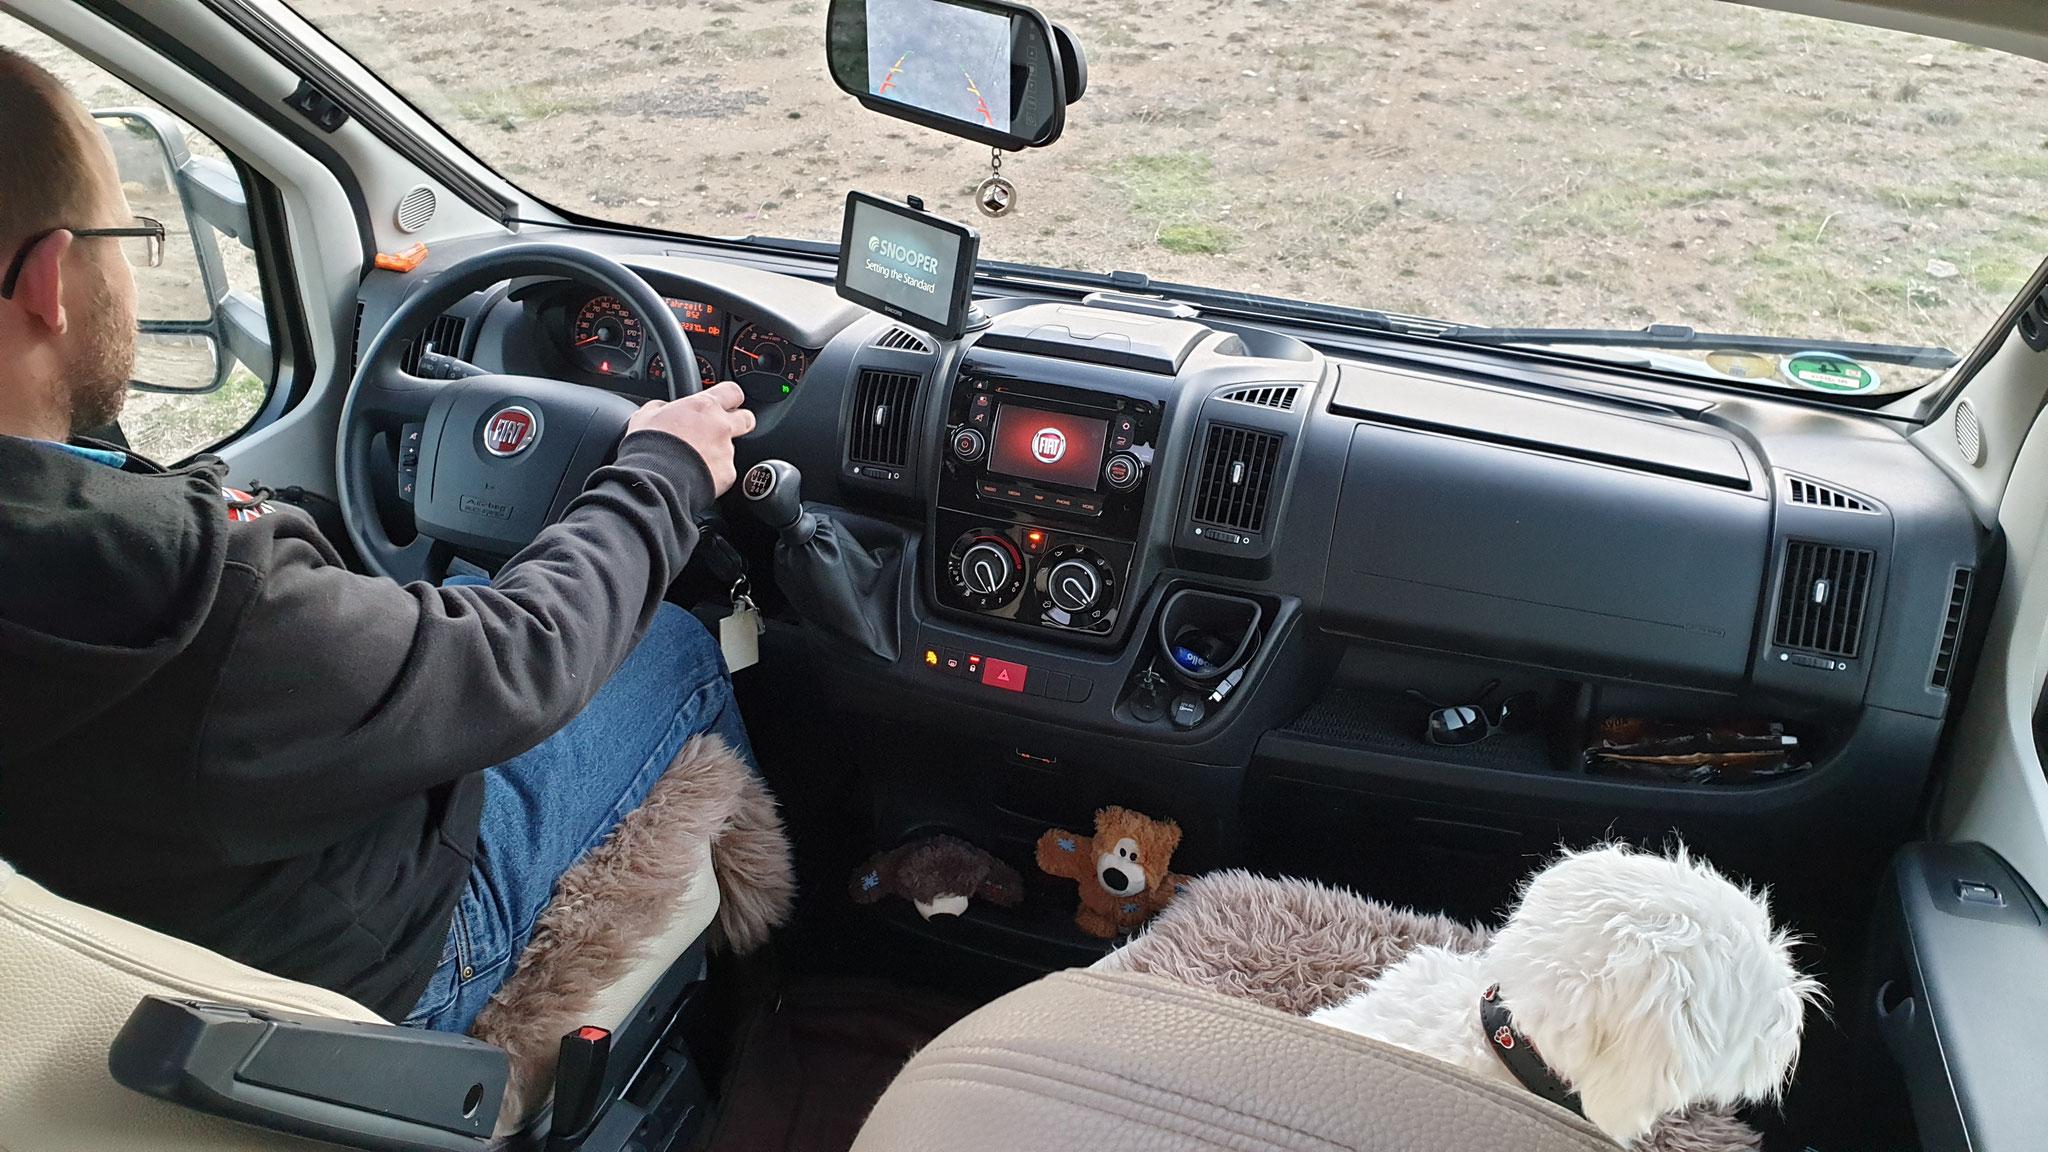 Daniel hat einen neuen Beifahrer